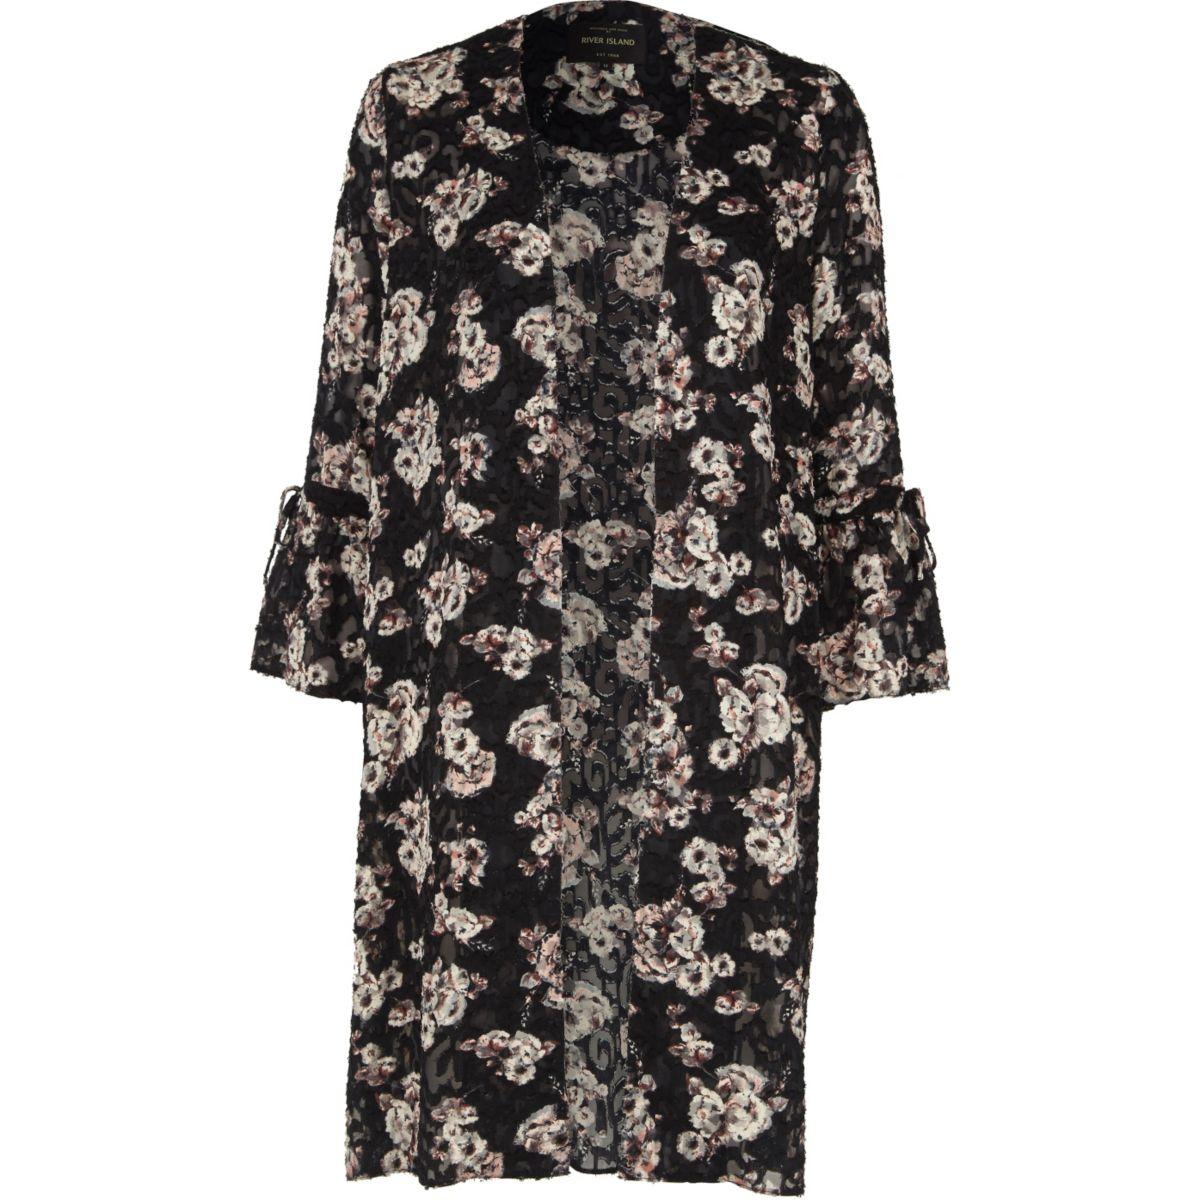 Schwarzer Mantel mit Blumenmuster